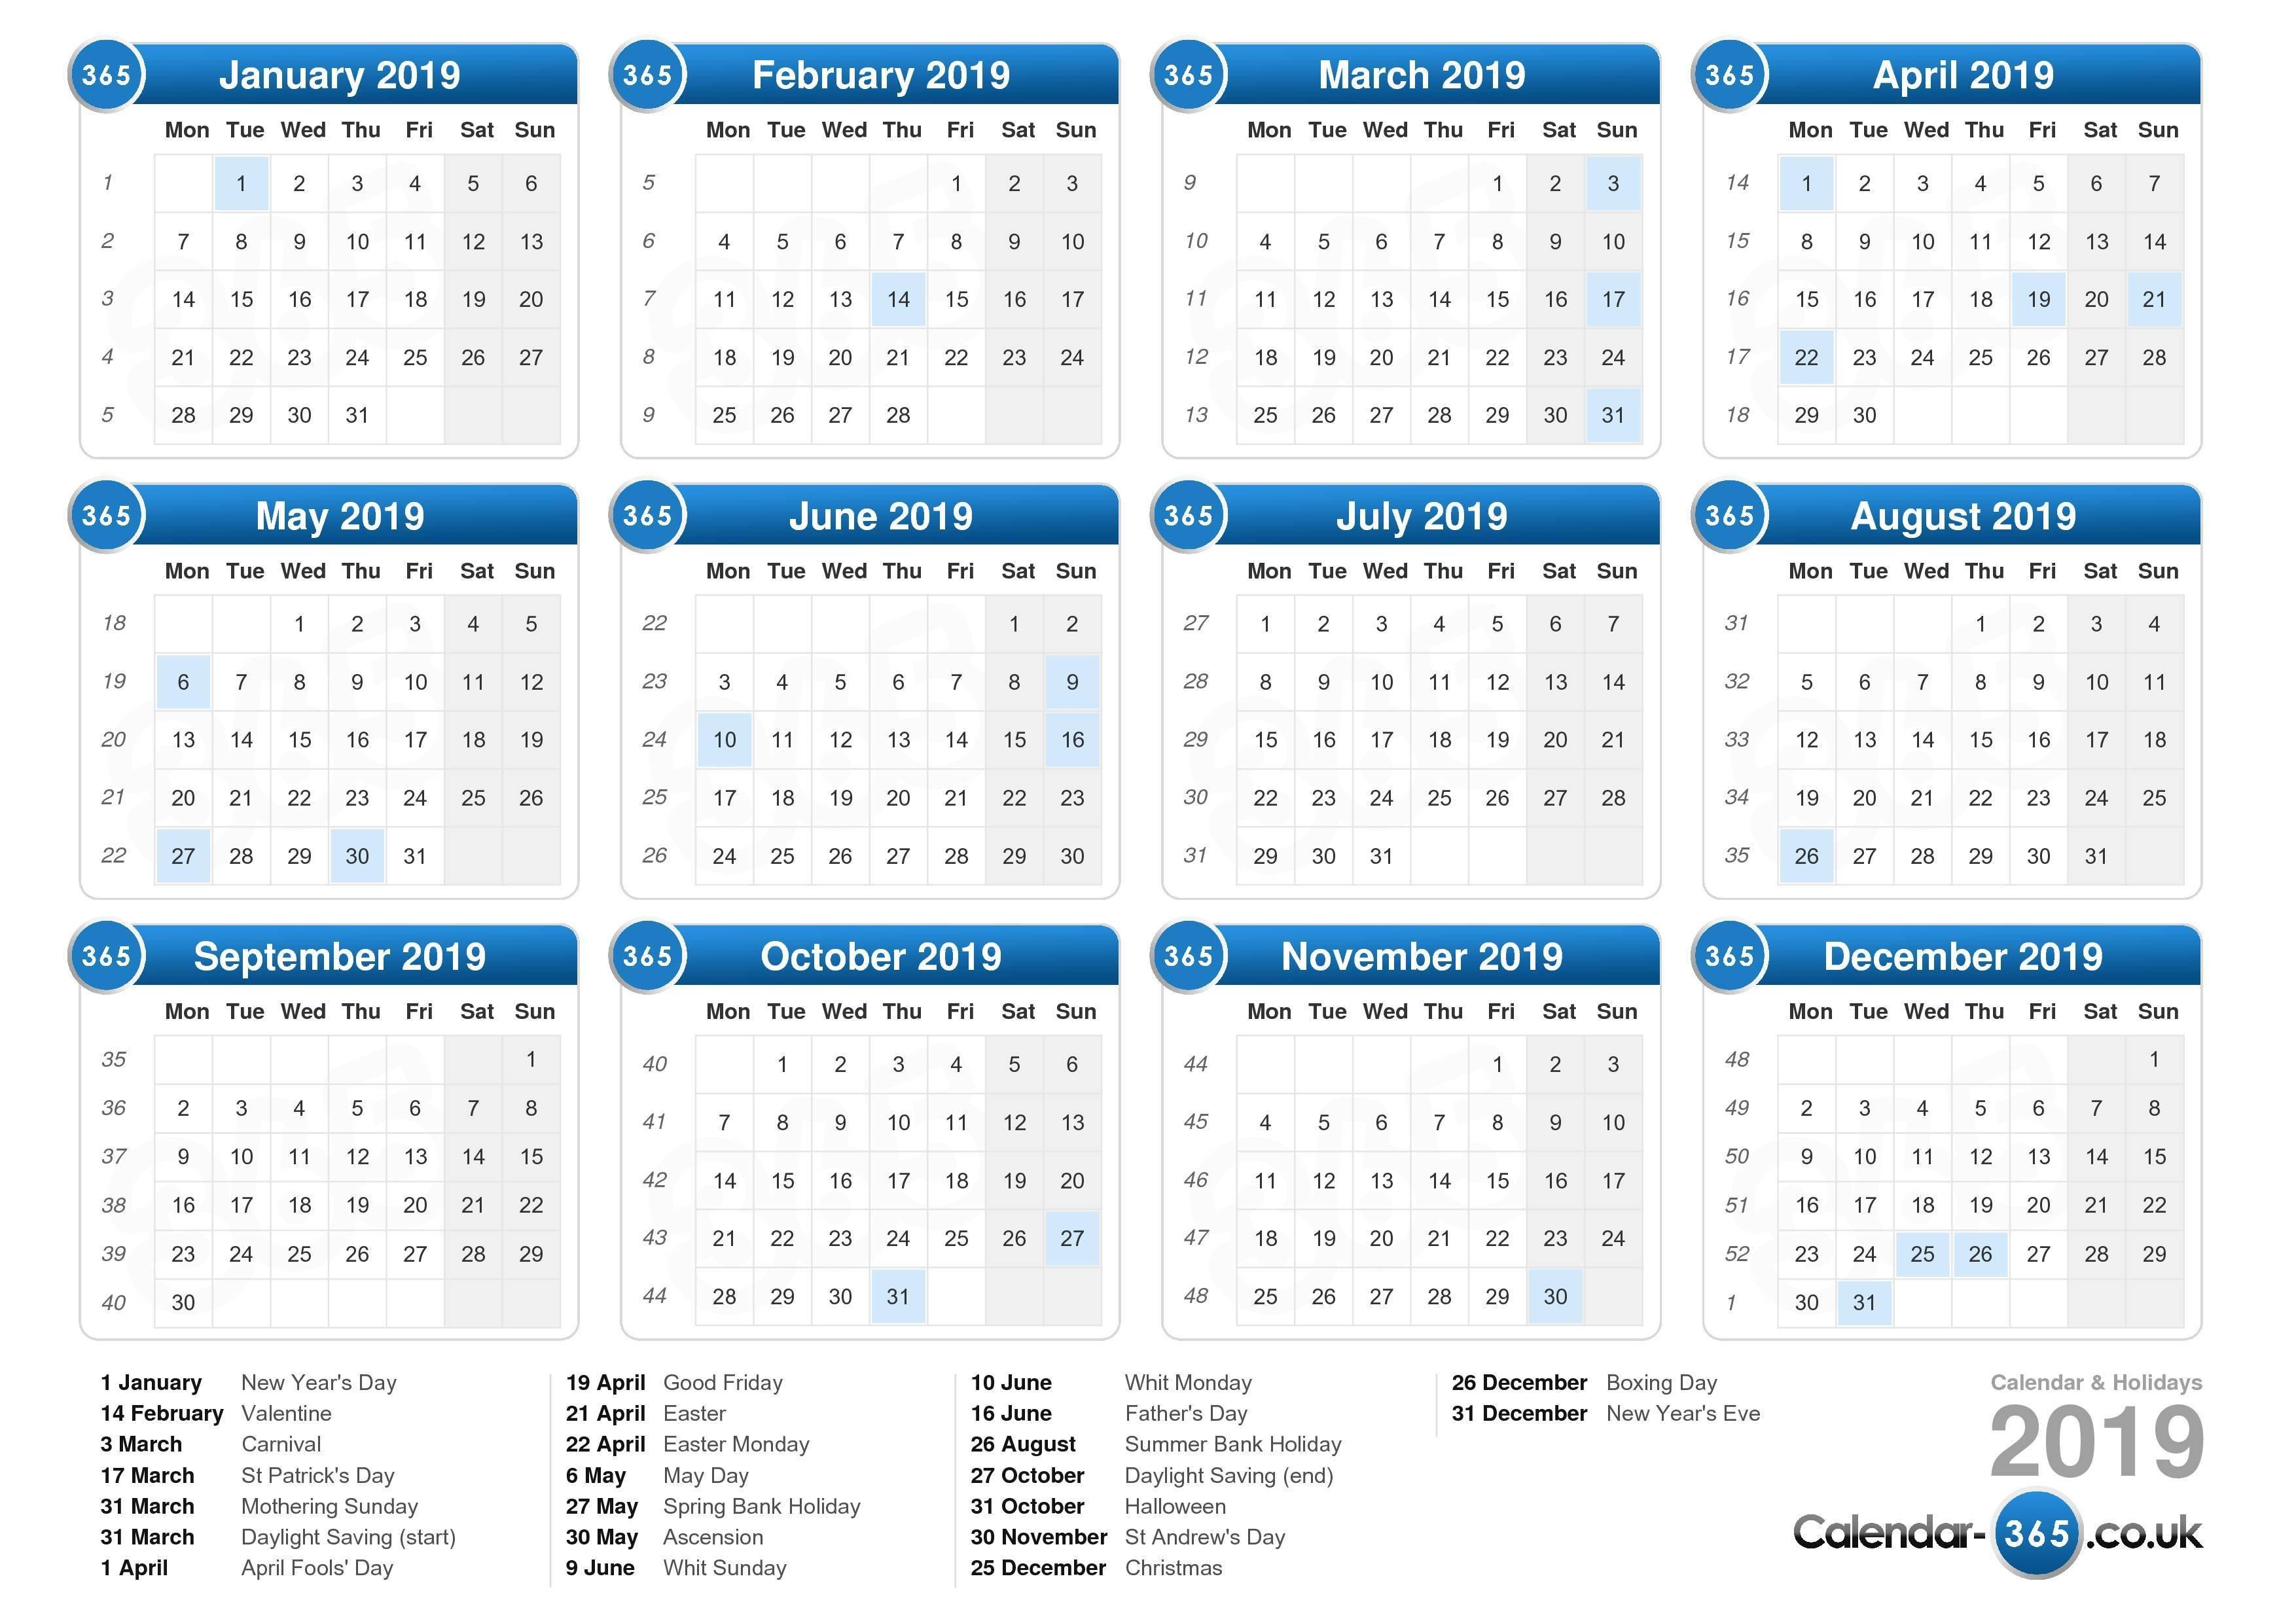 Calendar 2019 Calendar 2019 England